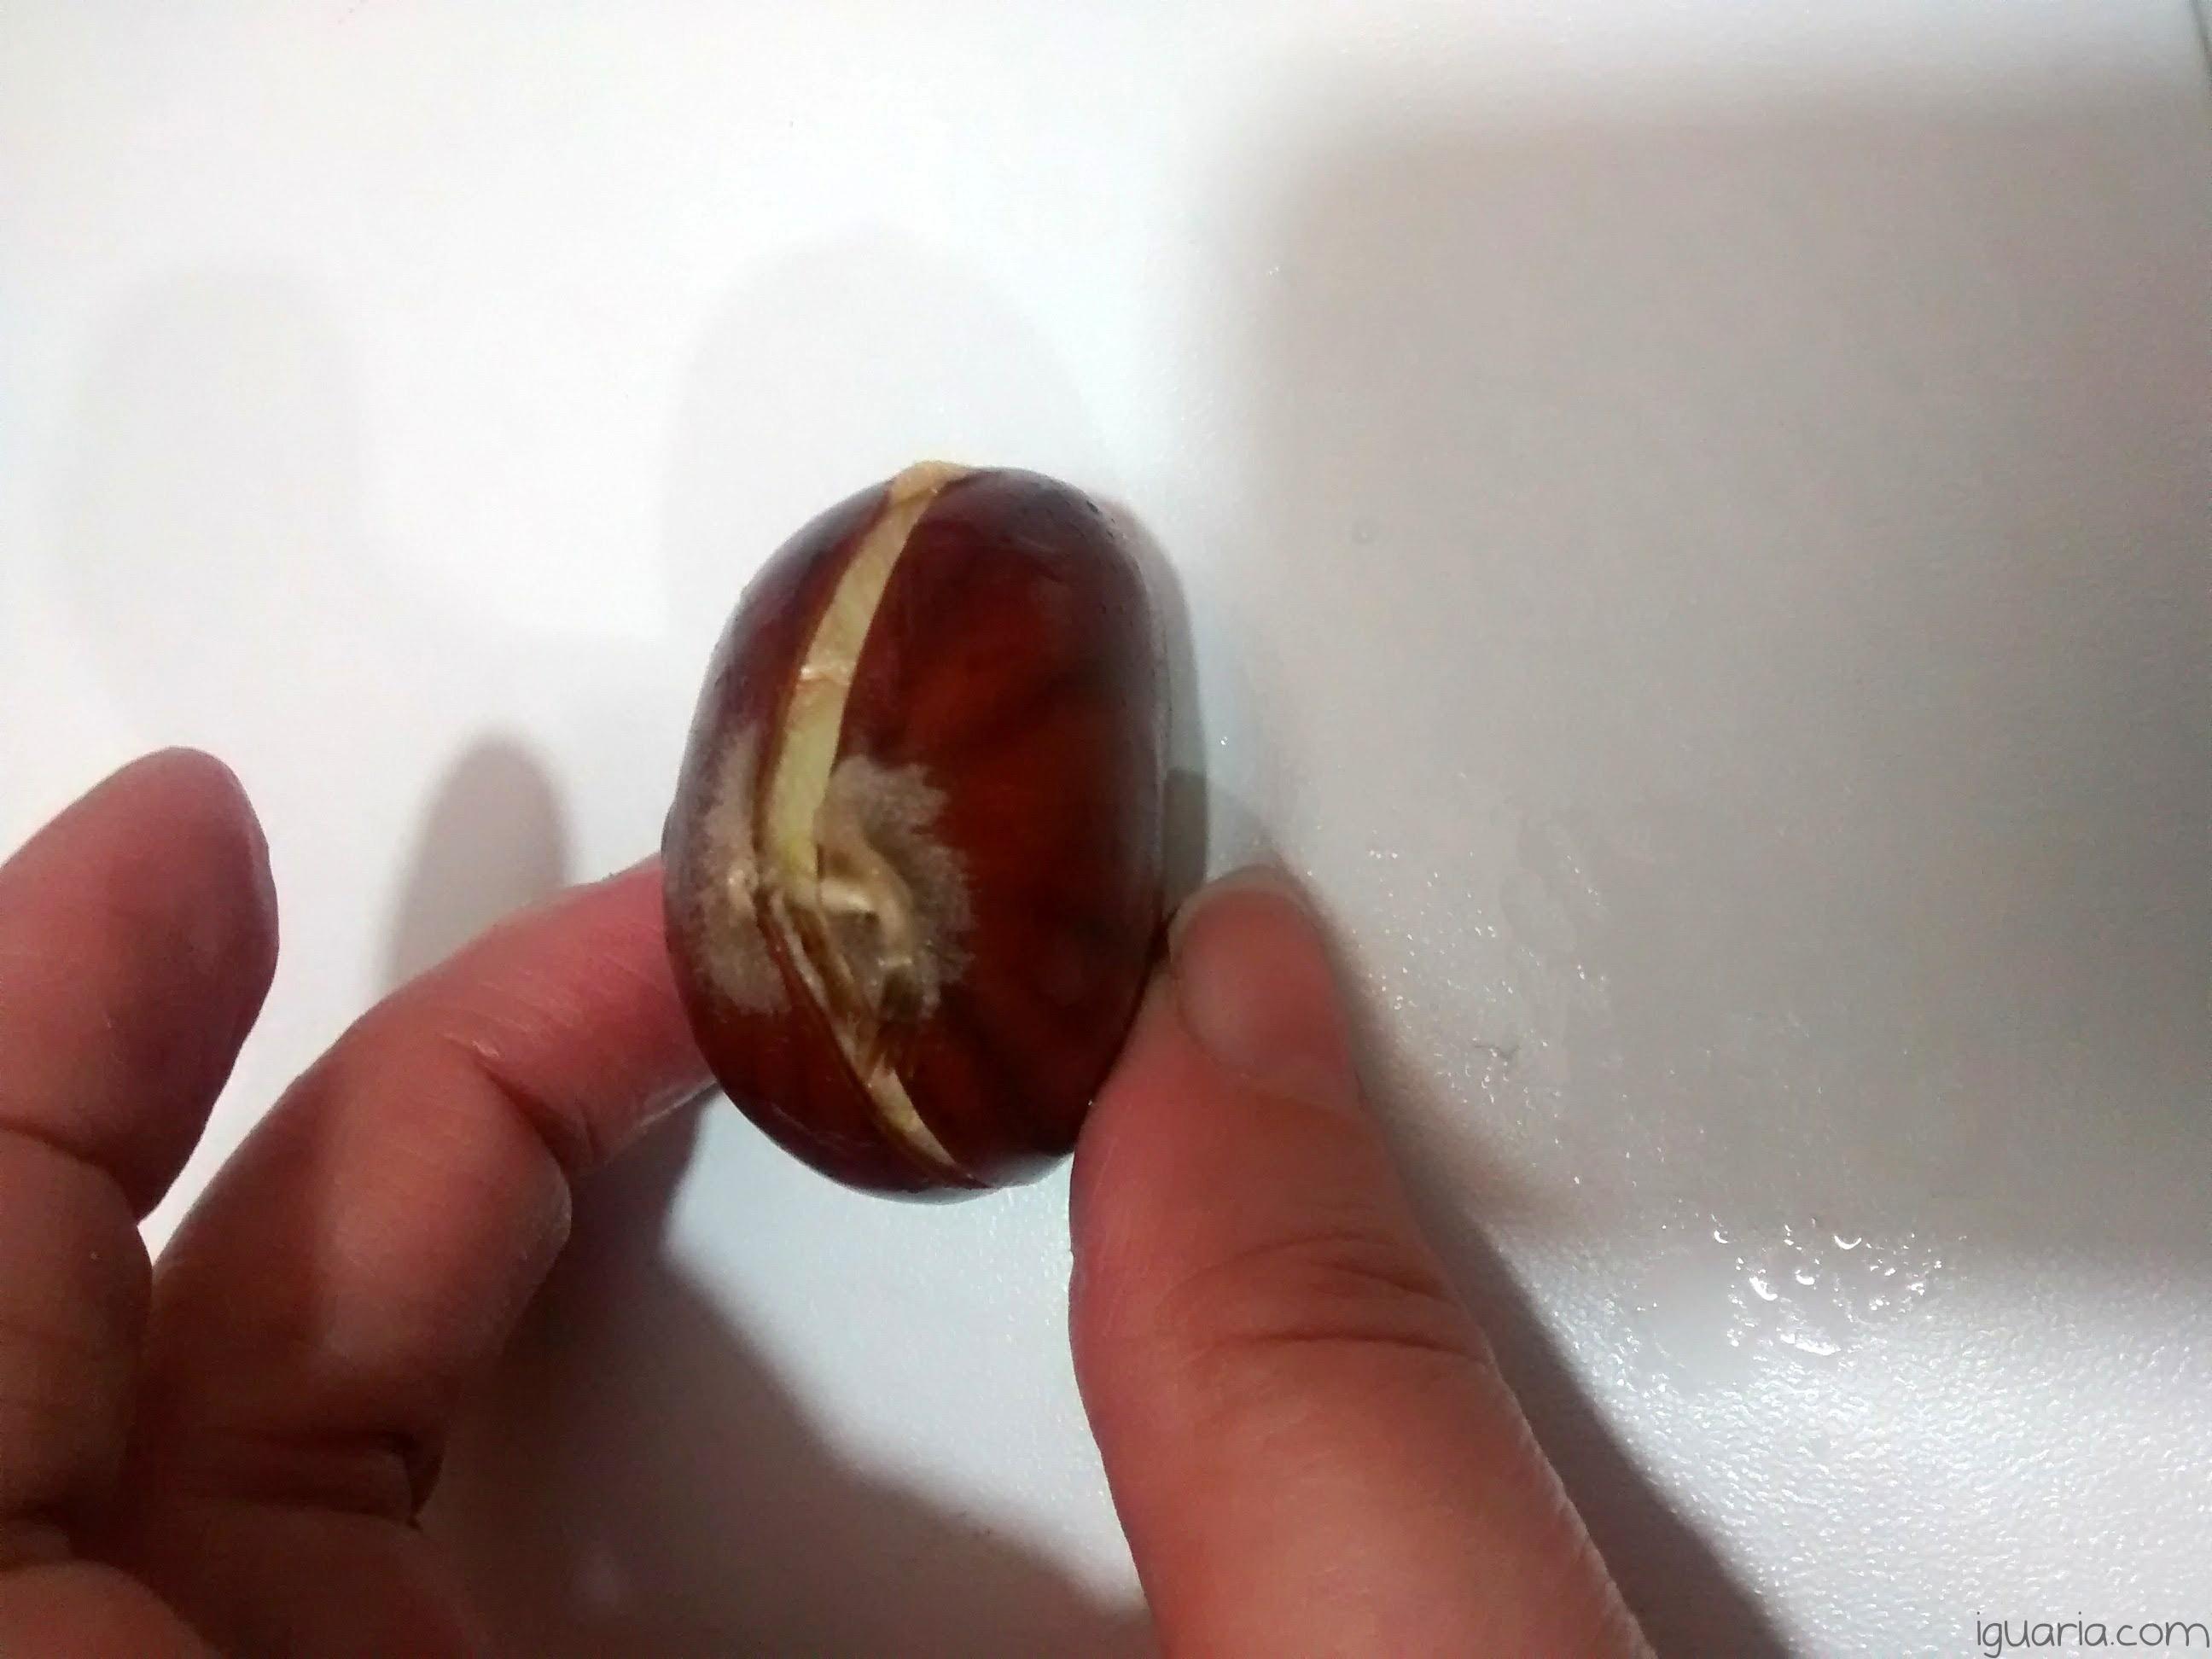 iguaria-castanha-cozida-pronta